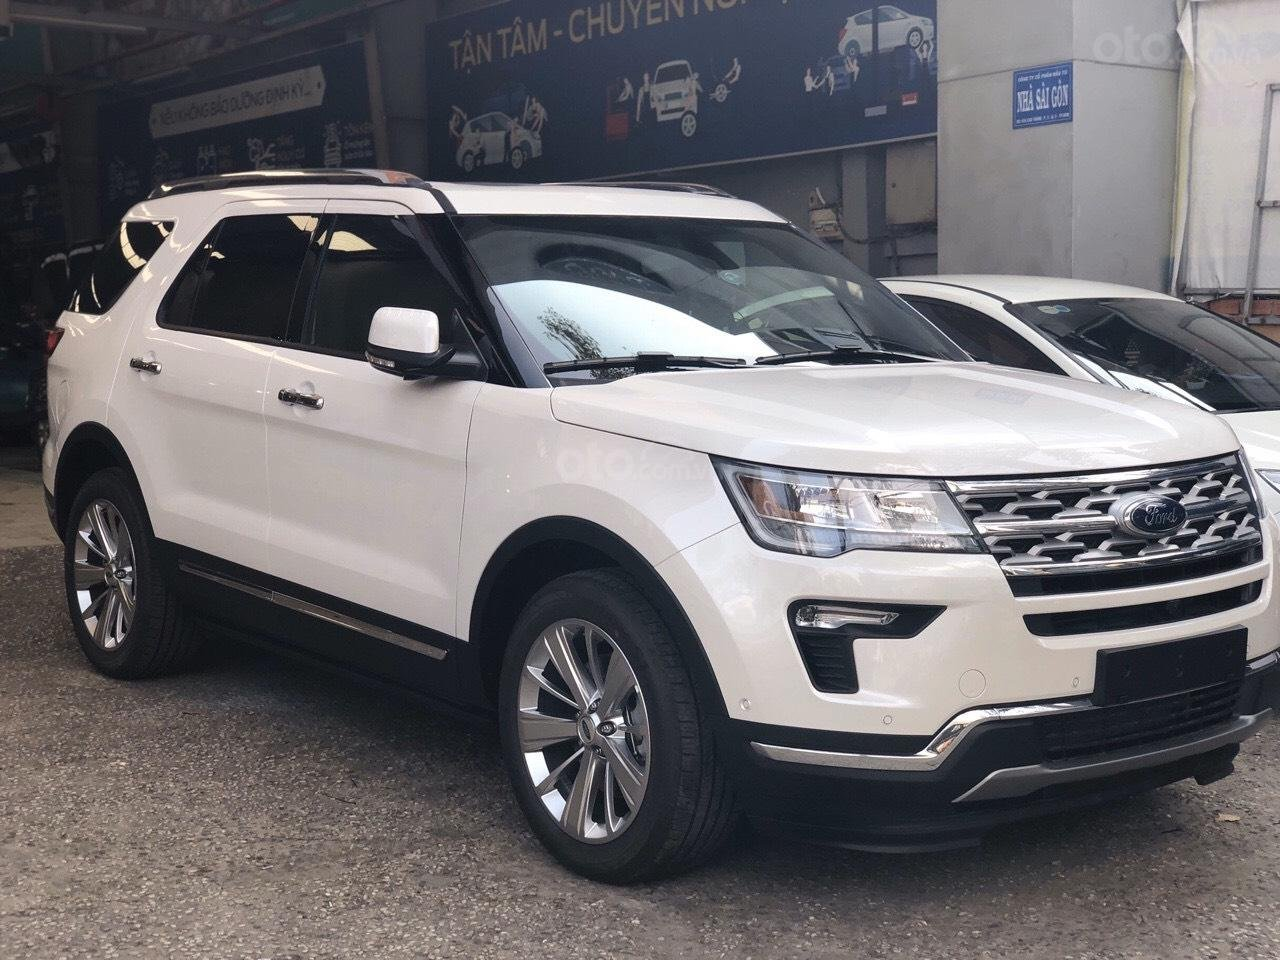 Ford Explorer 2019 nhập khẩu giá sốc ngập tràn ưu đãi, LH: 0908812444 Ms Ngọc Anh (2)